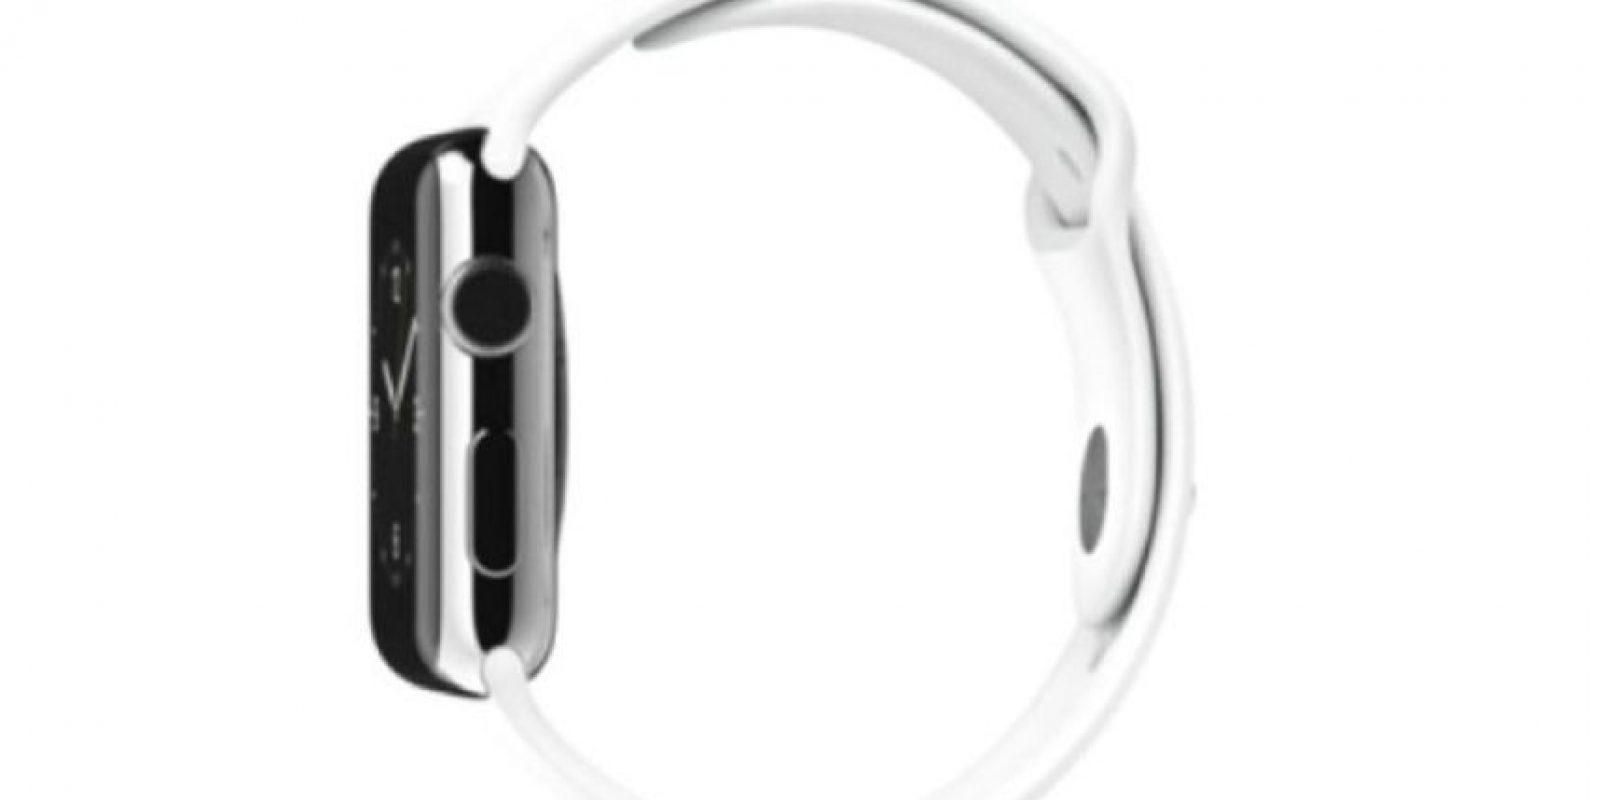 El procesador Apple cuesta 10.20 dólares. Foto:Apple